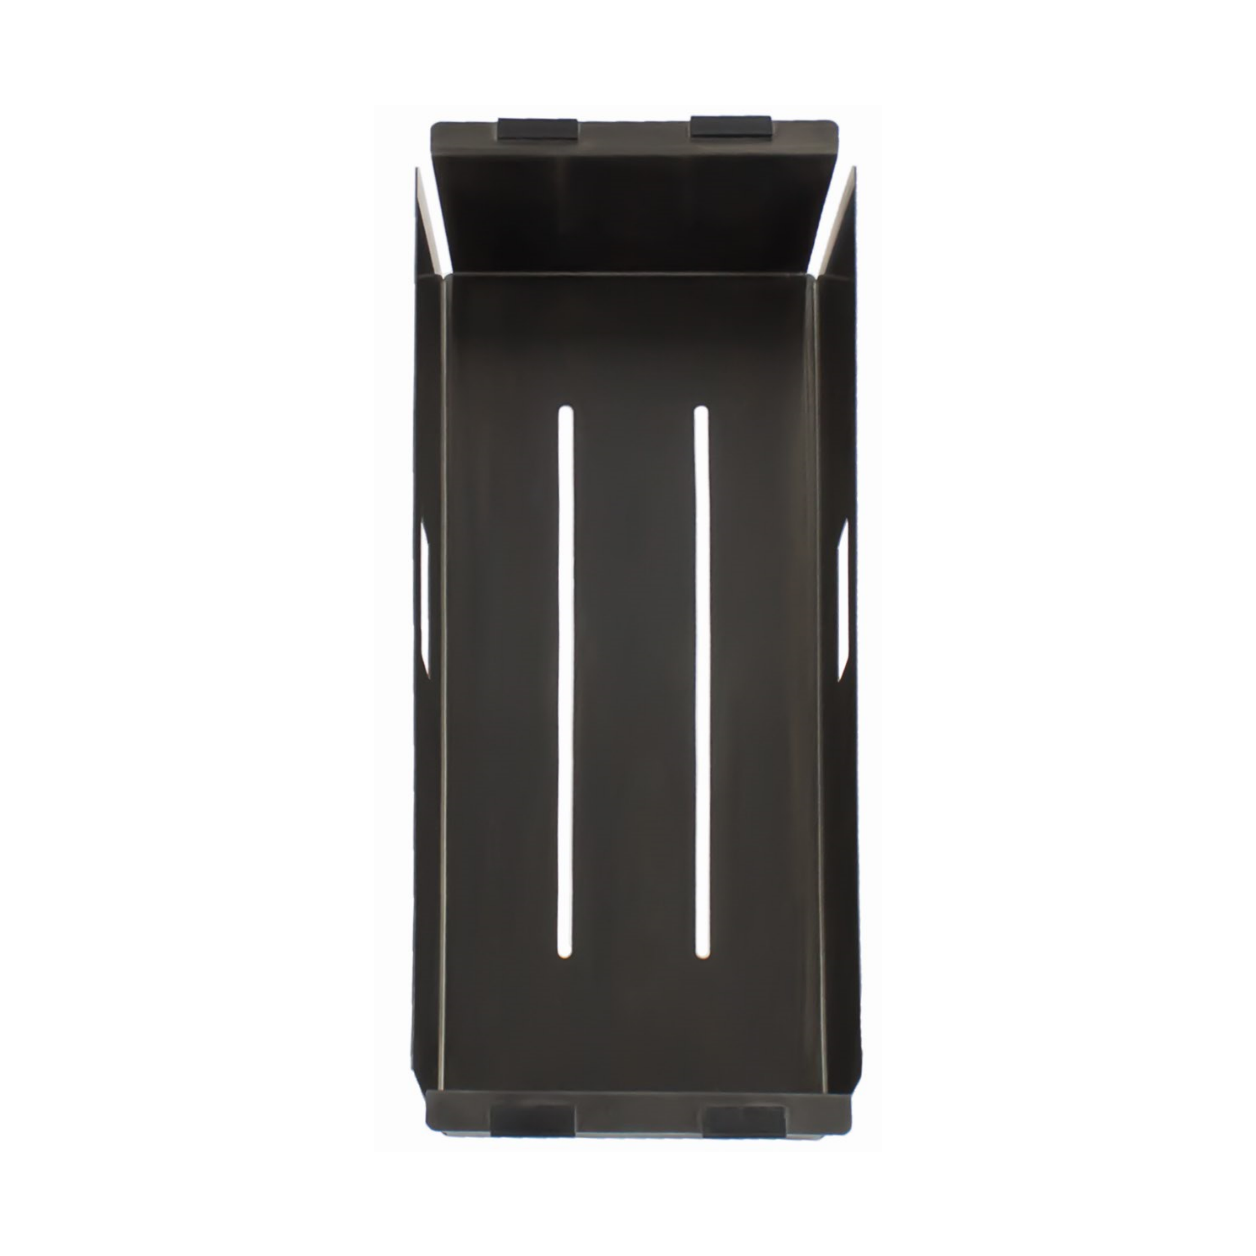 Reginox Miami Accessoire restenbak inzetbak rvs PVD Gun Metal R3001 R30547